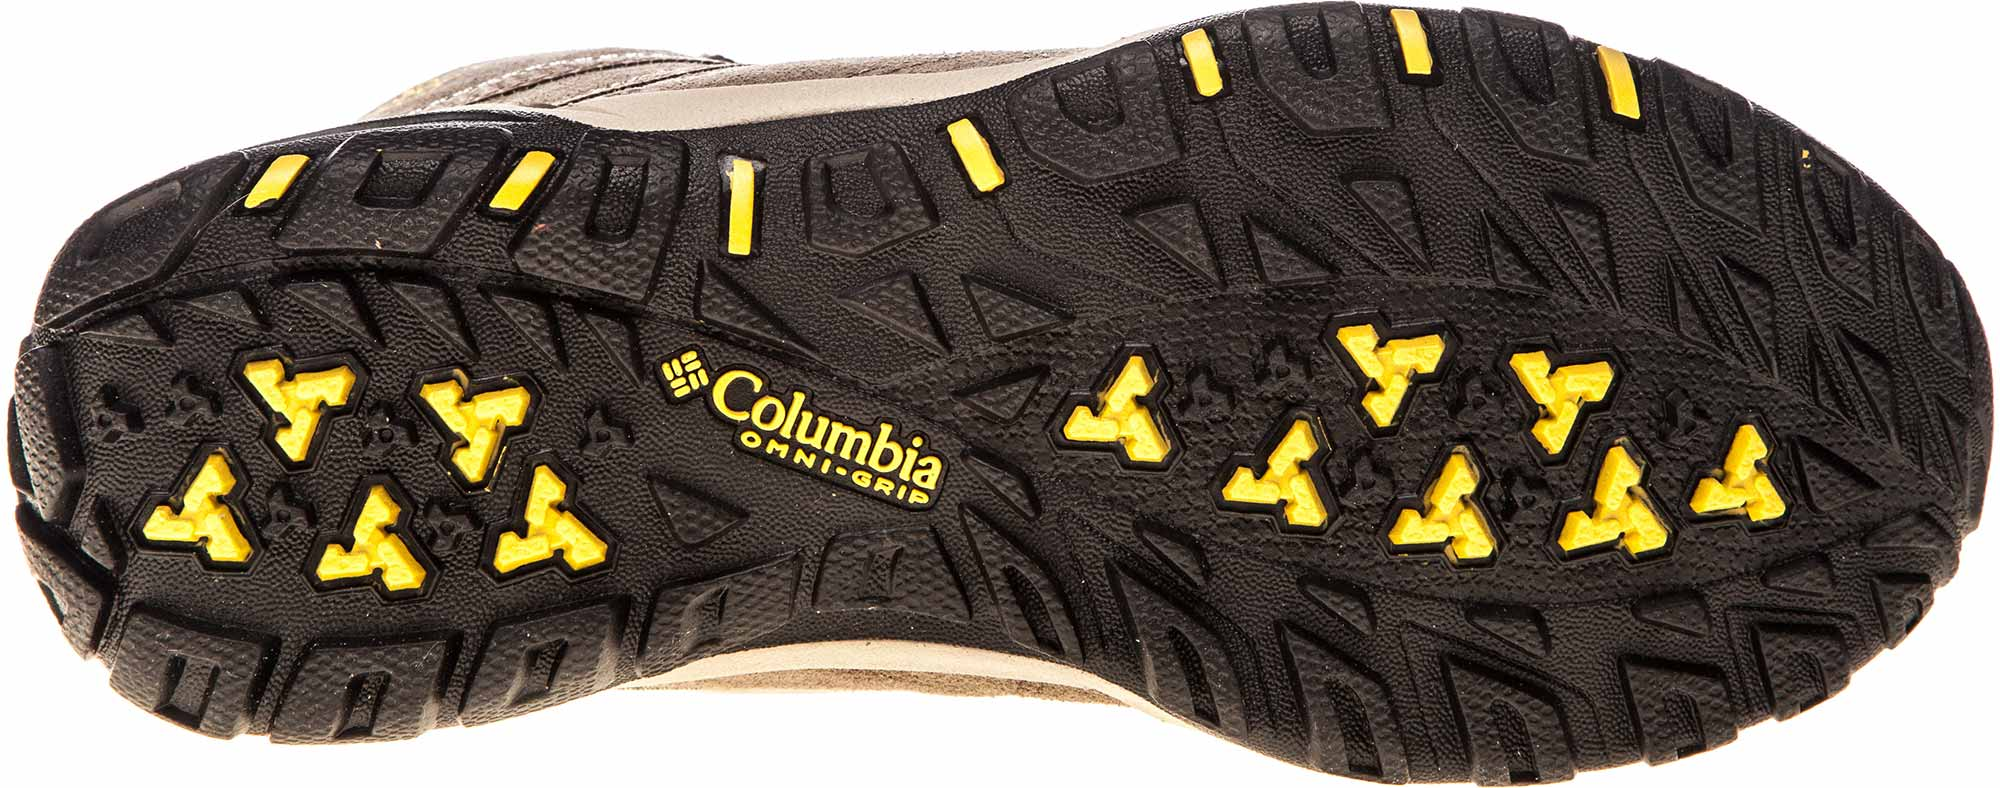 Columbia MINX FIRE MID WATERPROOF. Dámska zimná obuv. Dámska zimná obuv. Dámska  zimná obuv. Dámska zimná obuv 52468f24cd6